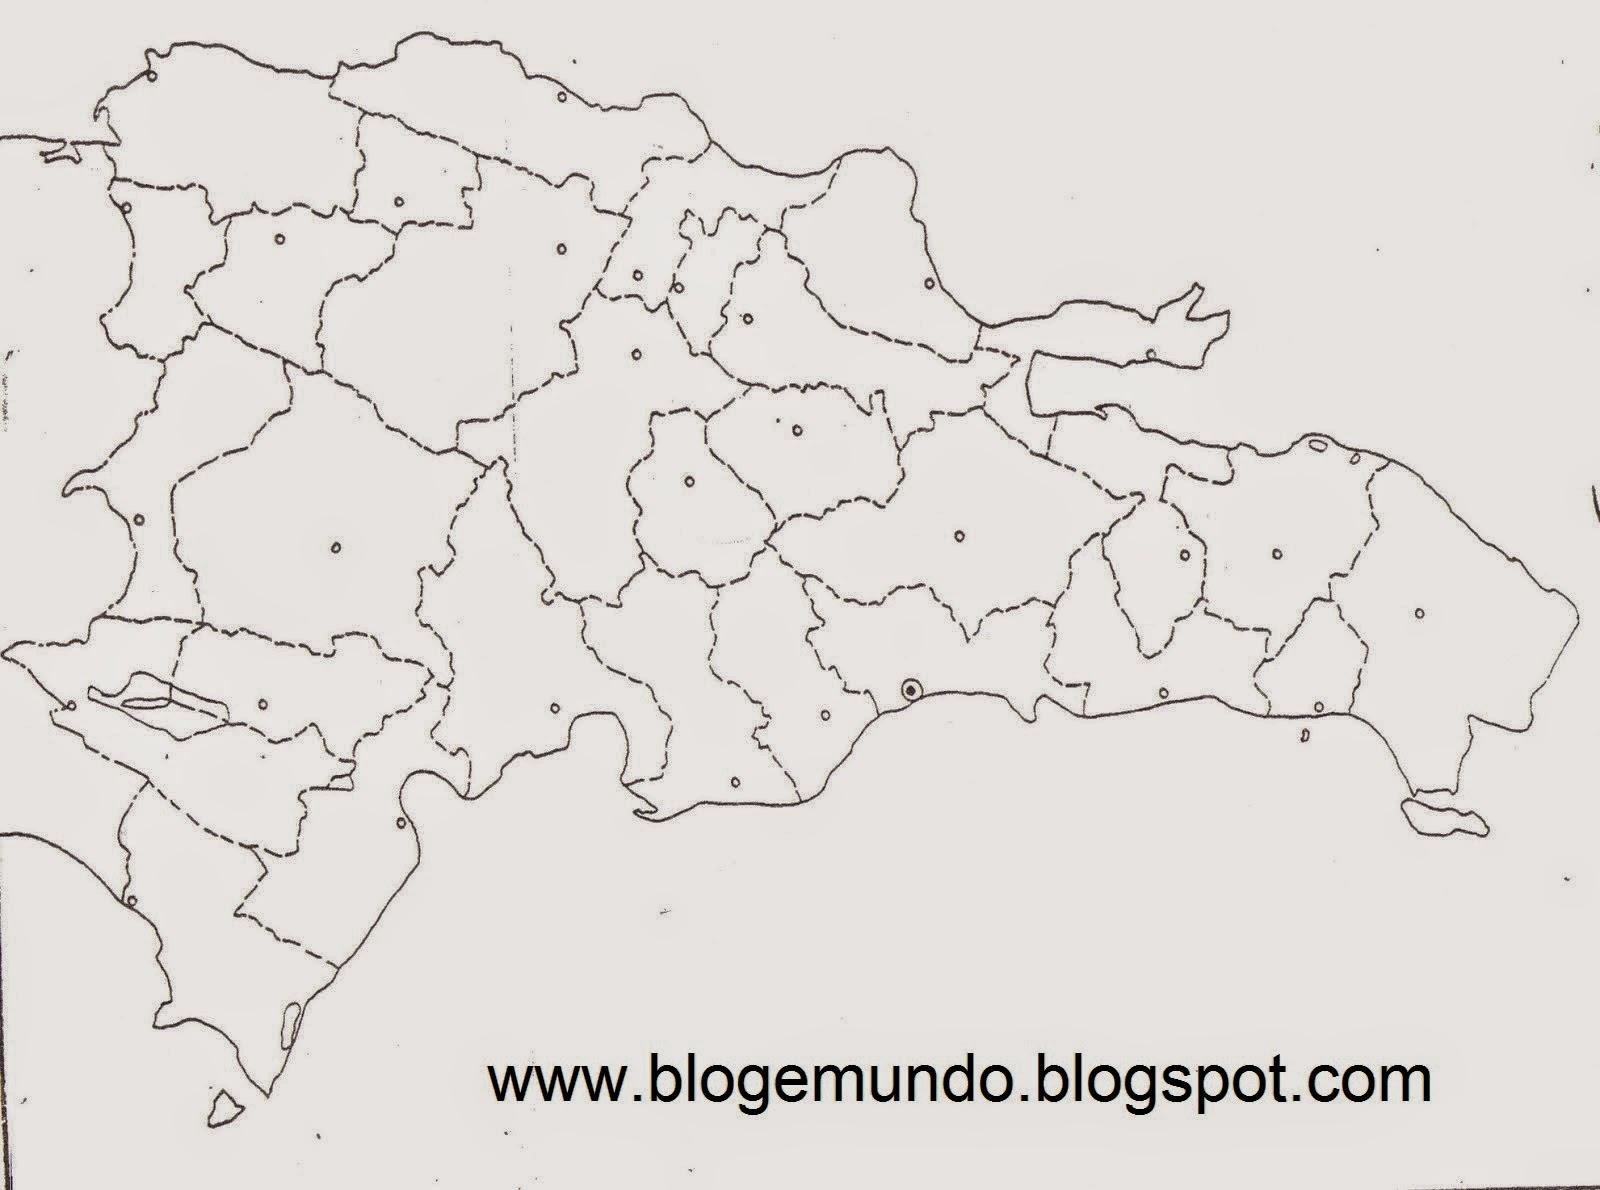 Mapa de la isla de Santo Domingo en blanco y negro dibujo lineal o ...